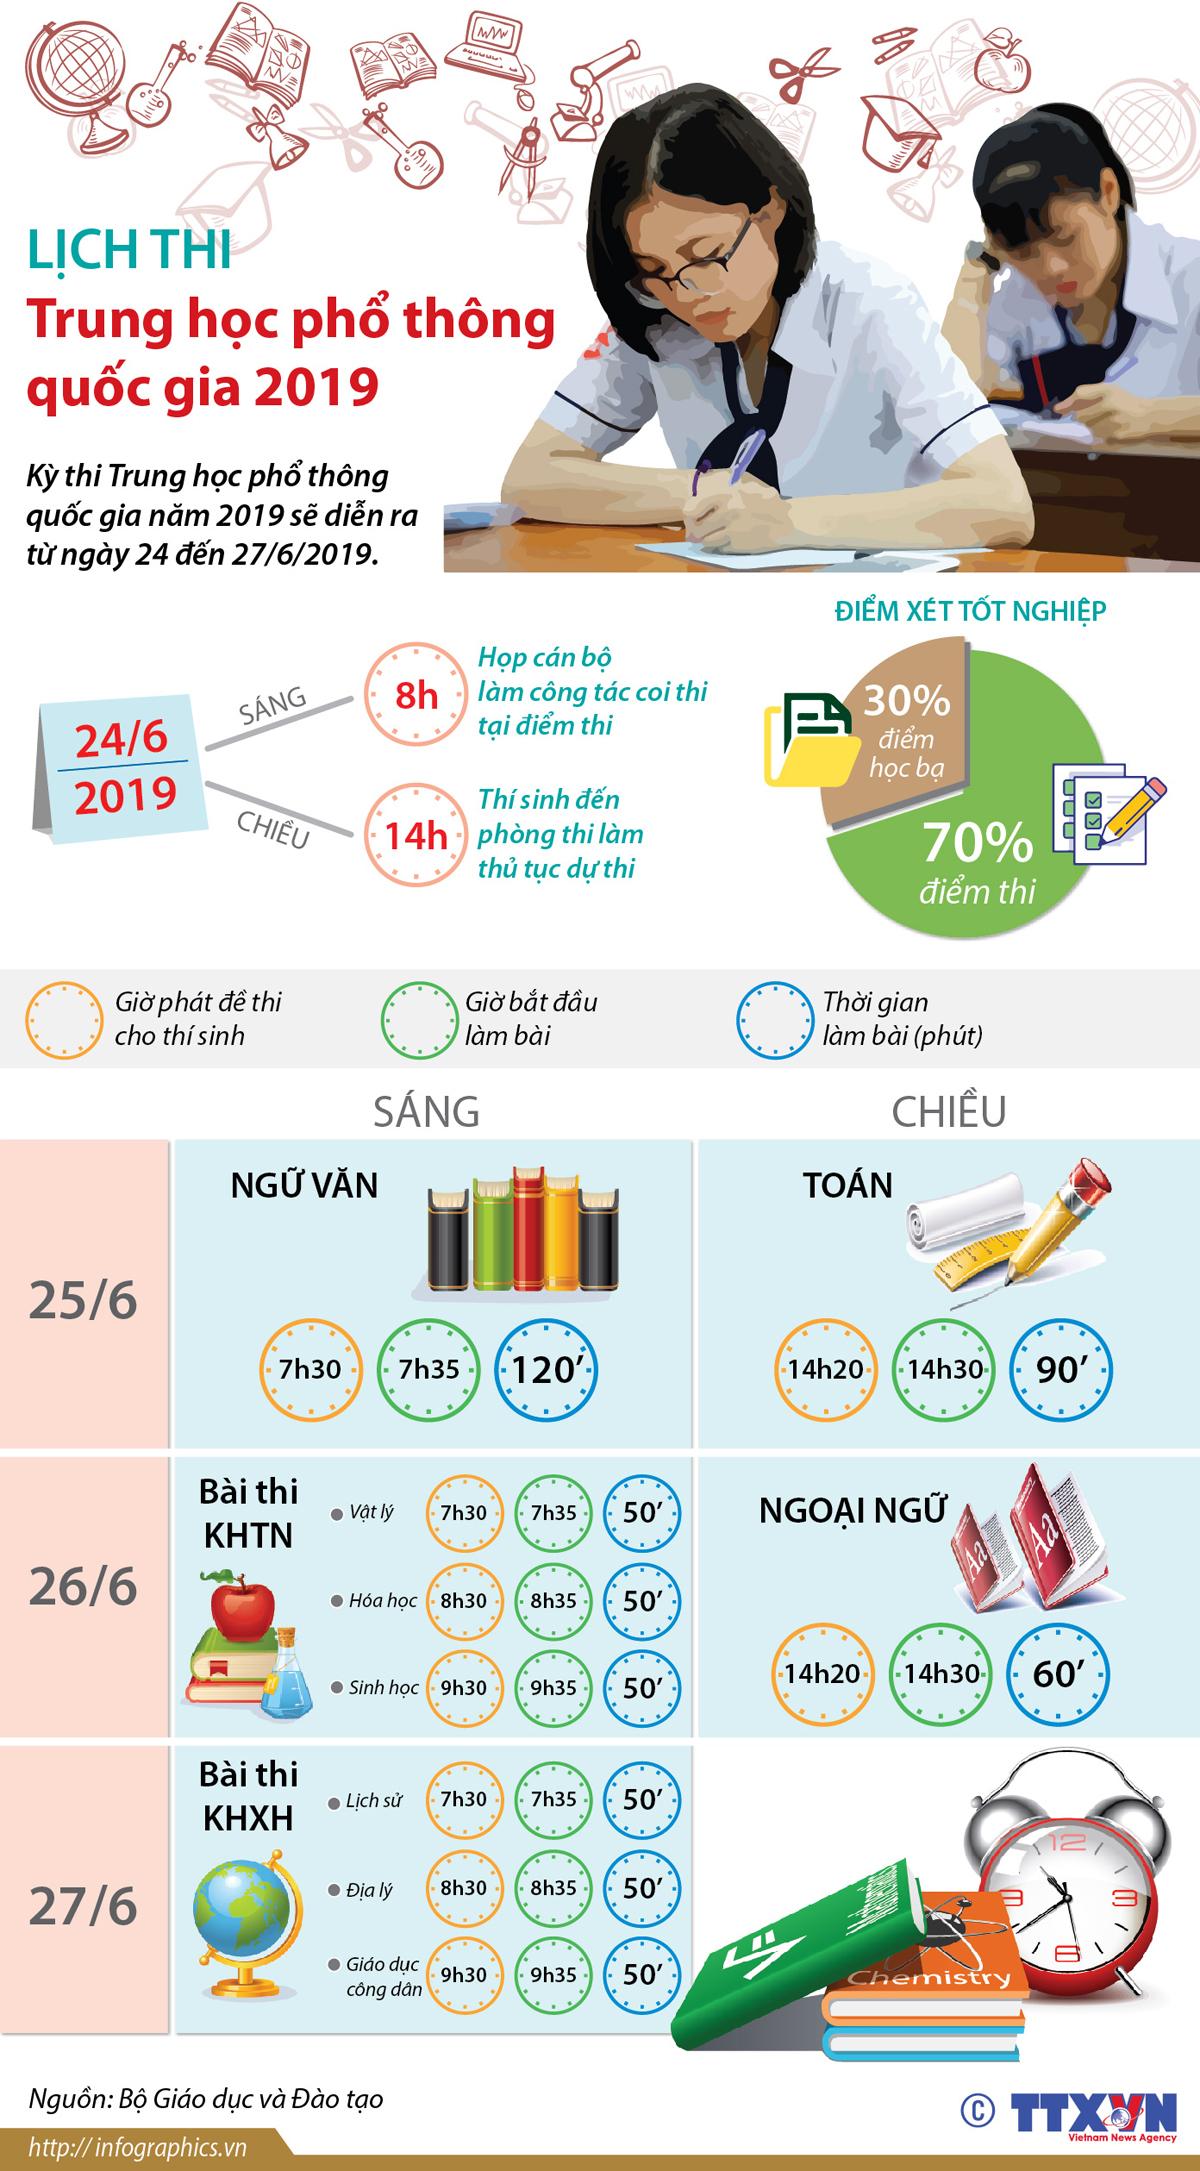 giáo dục, khoa học, lịch thi, trung học phổ thông quốc gia 2019, THPT quốc gia